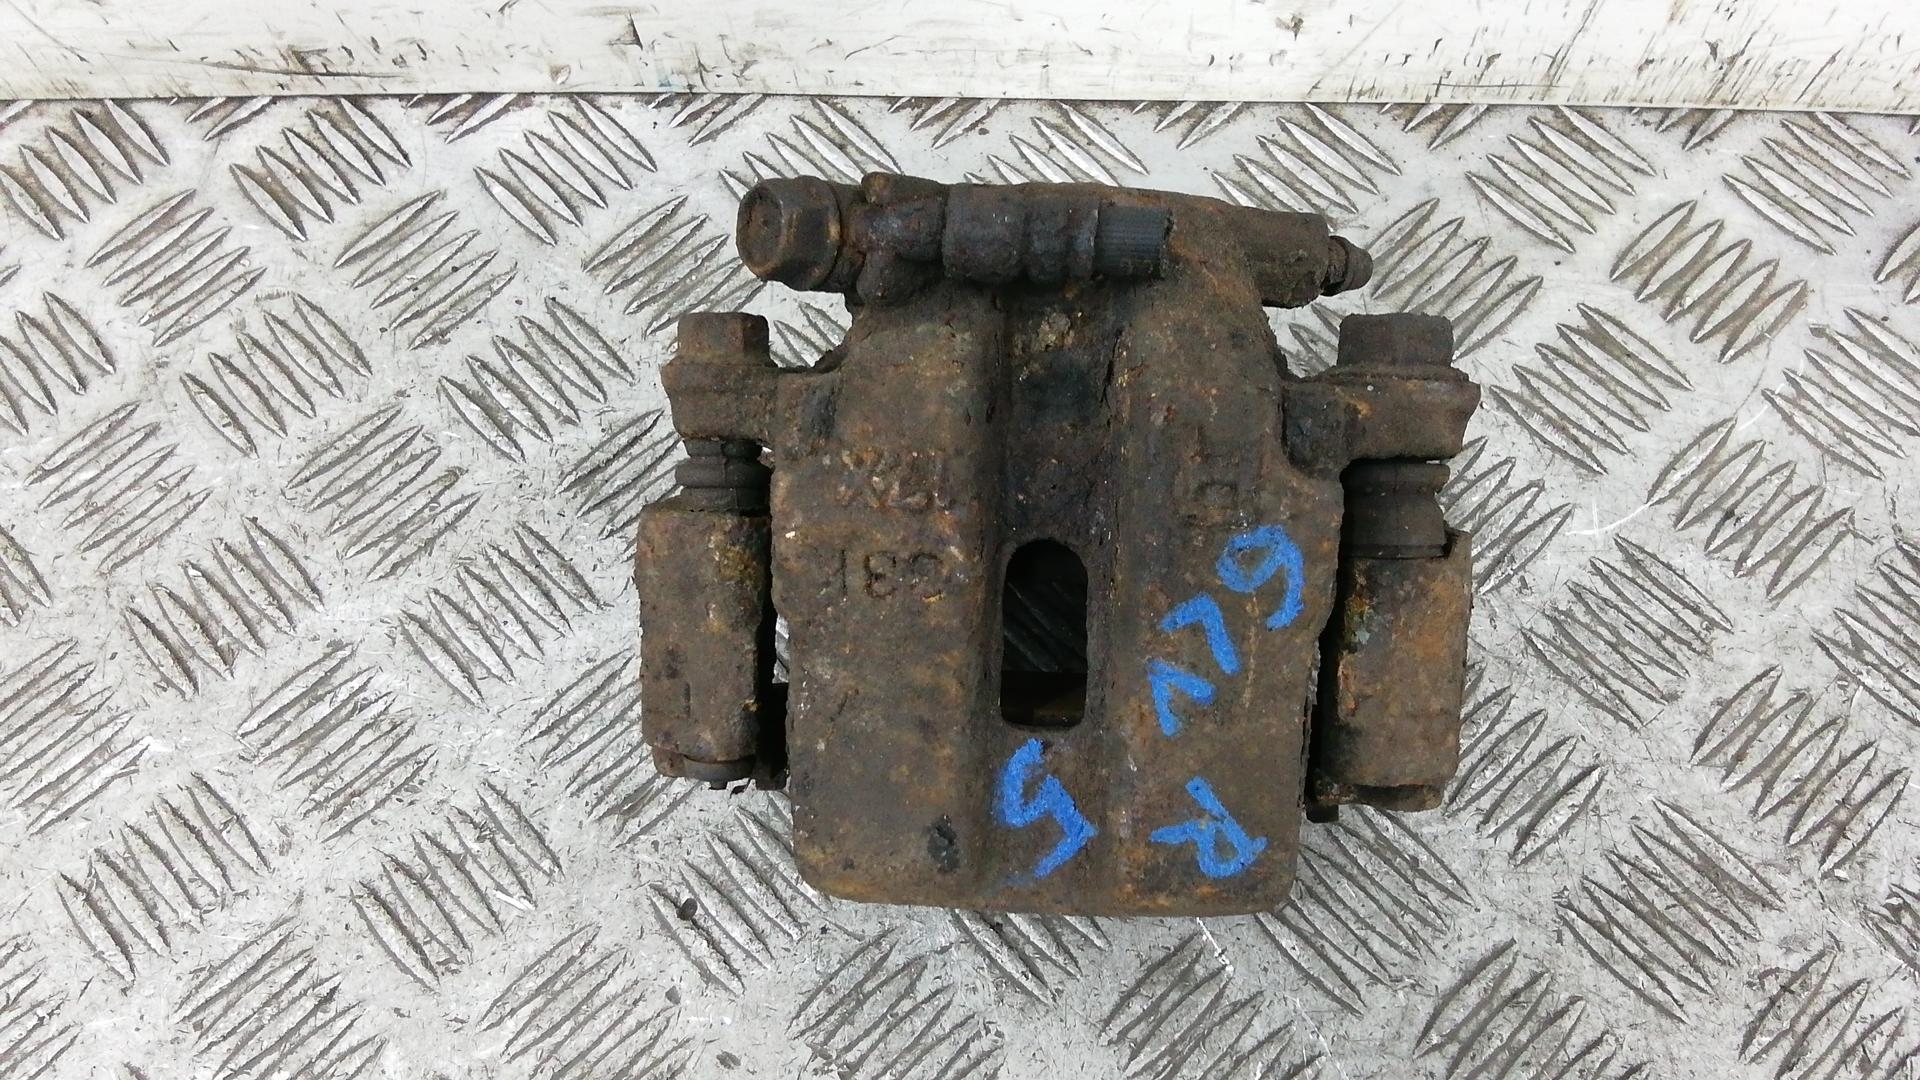 Суппорт тормозной передний правый, SUZUKI, GRAND VITARA 1, 2004